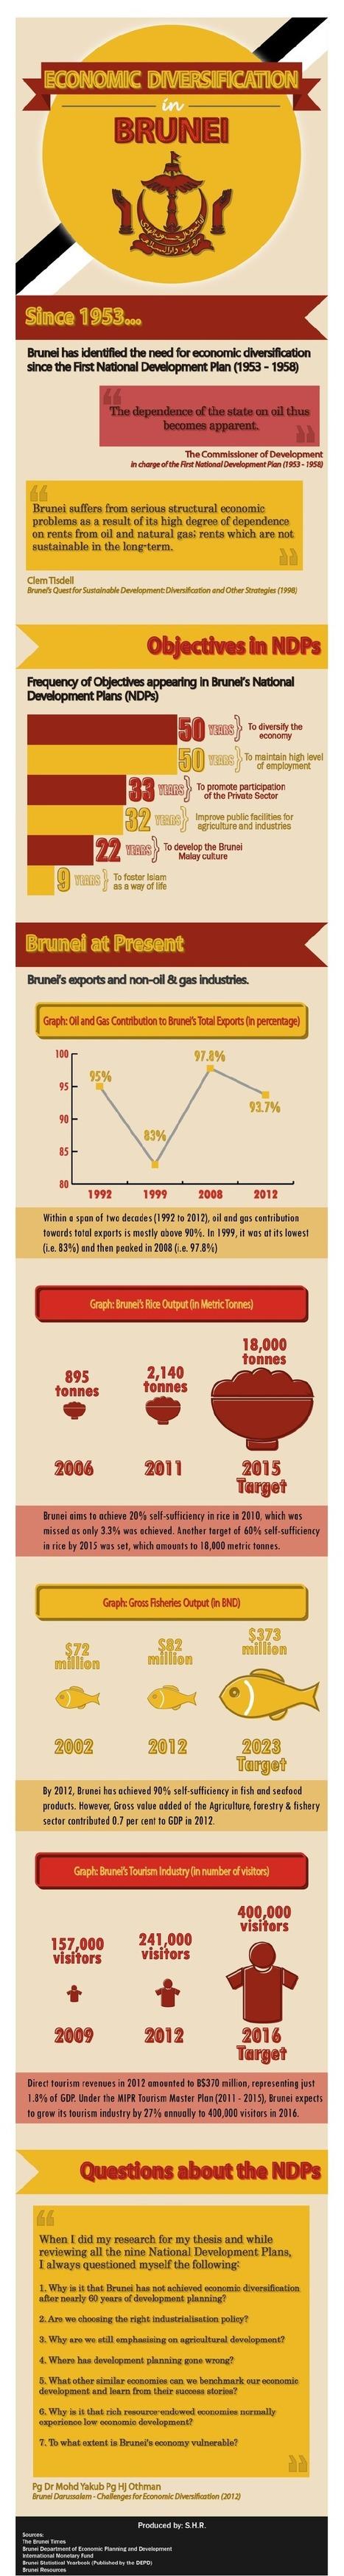 Brunei's progress in diversification | Aspiring Outliers | Scoop.it